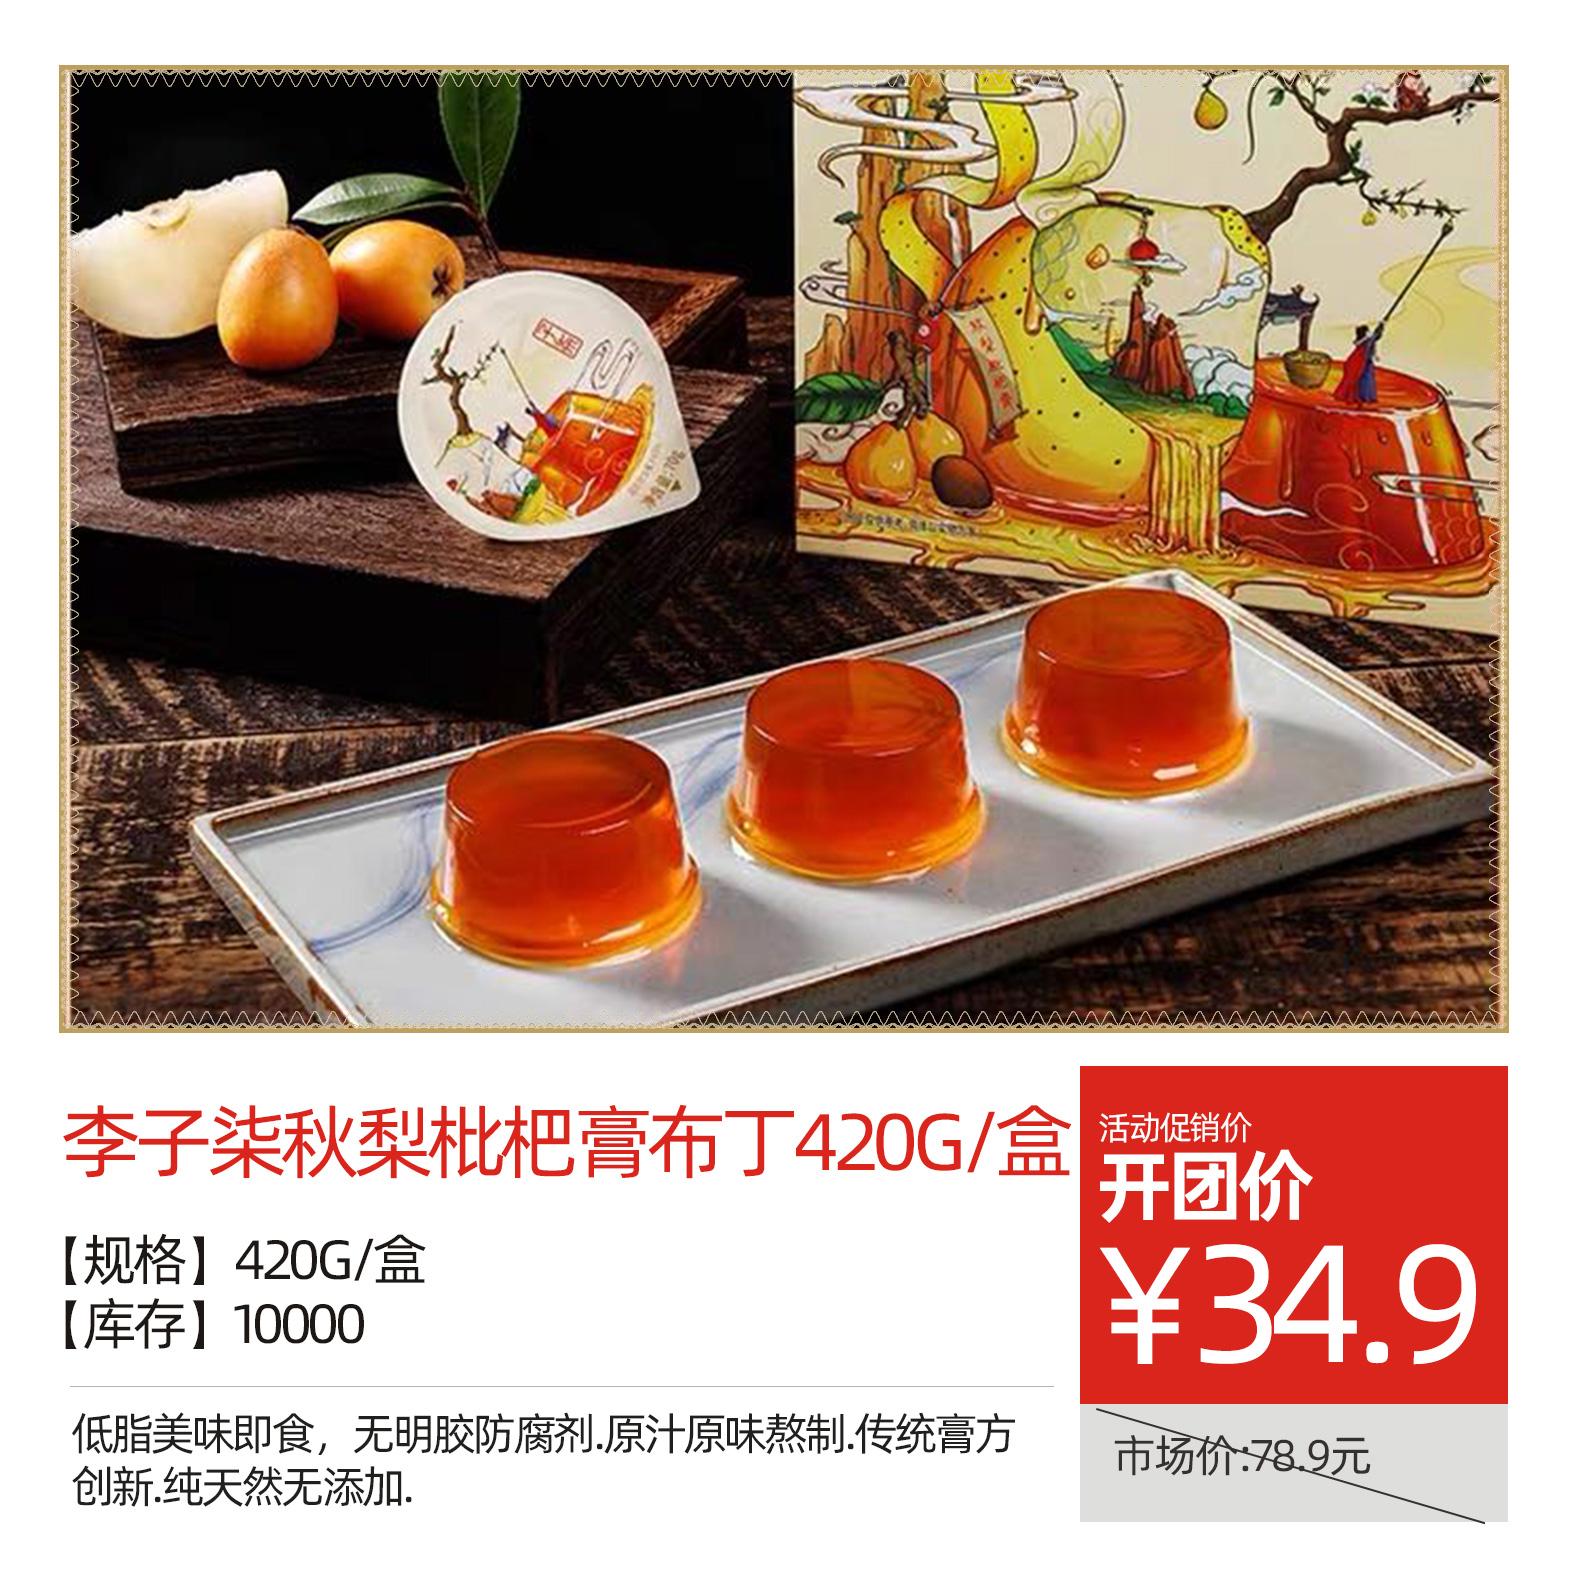 李子柒秋梨枇杷膏布丁420g/盒